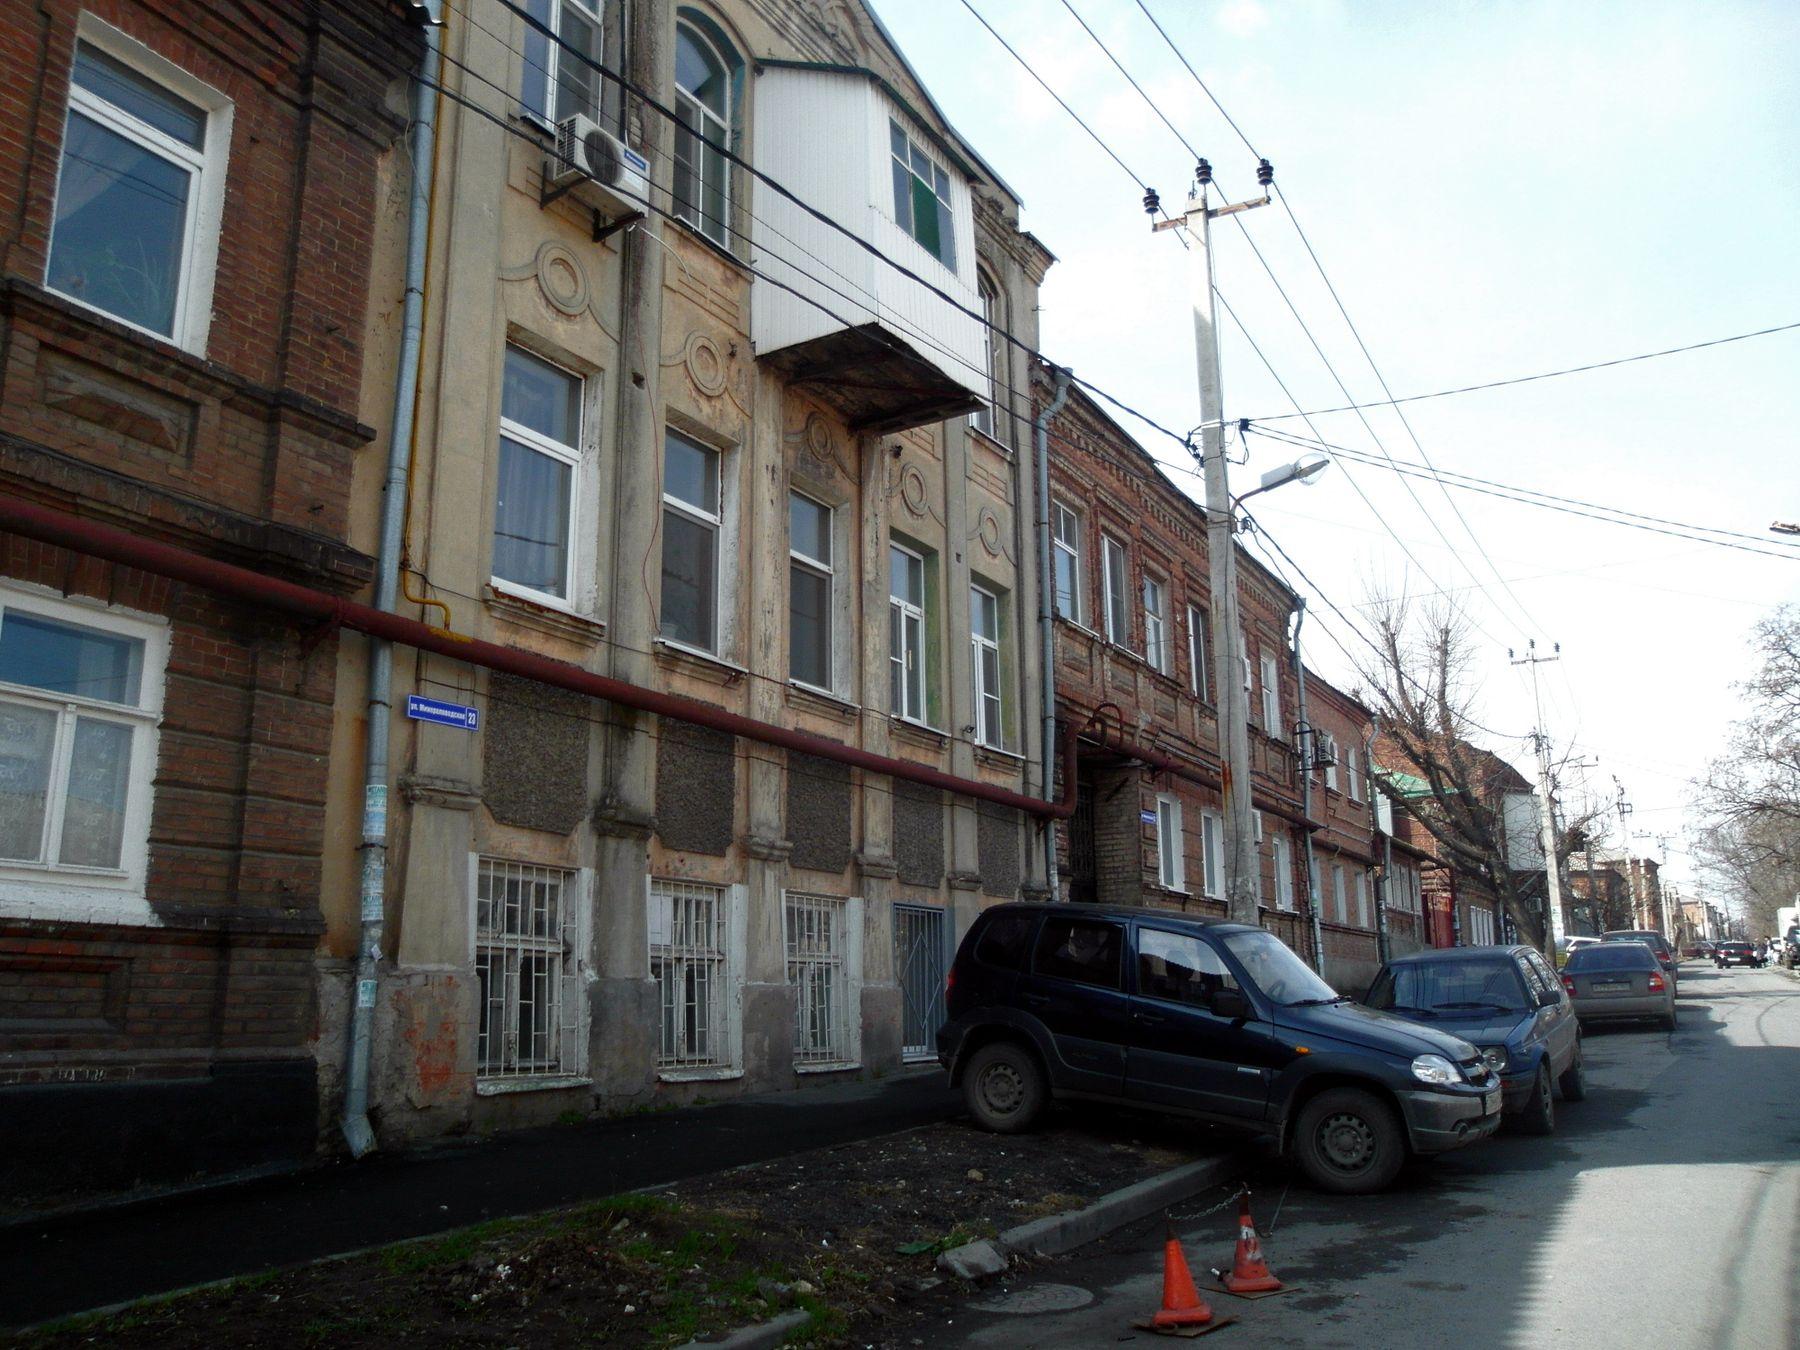 Старый район. Ростов-на-Дону город архитектура старые дома